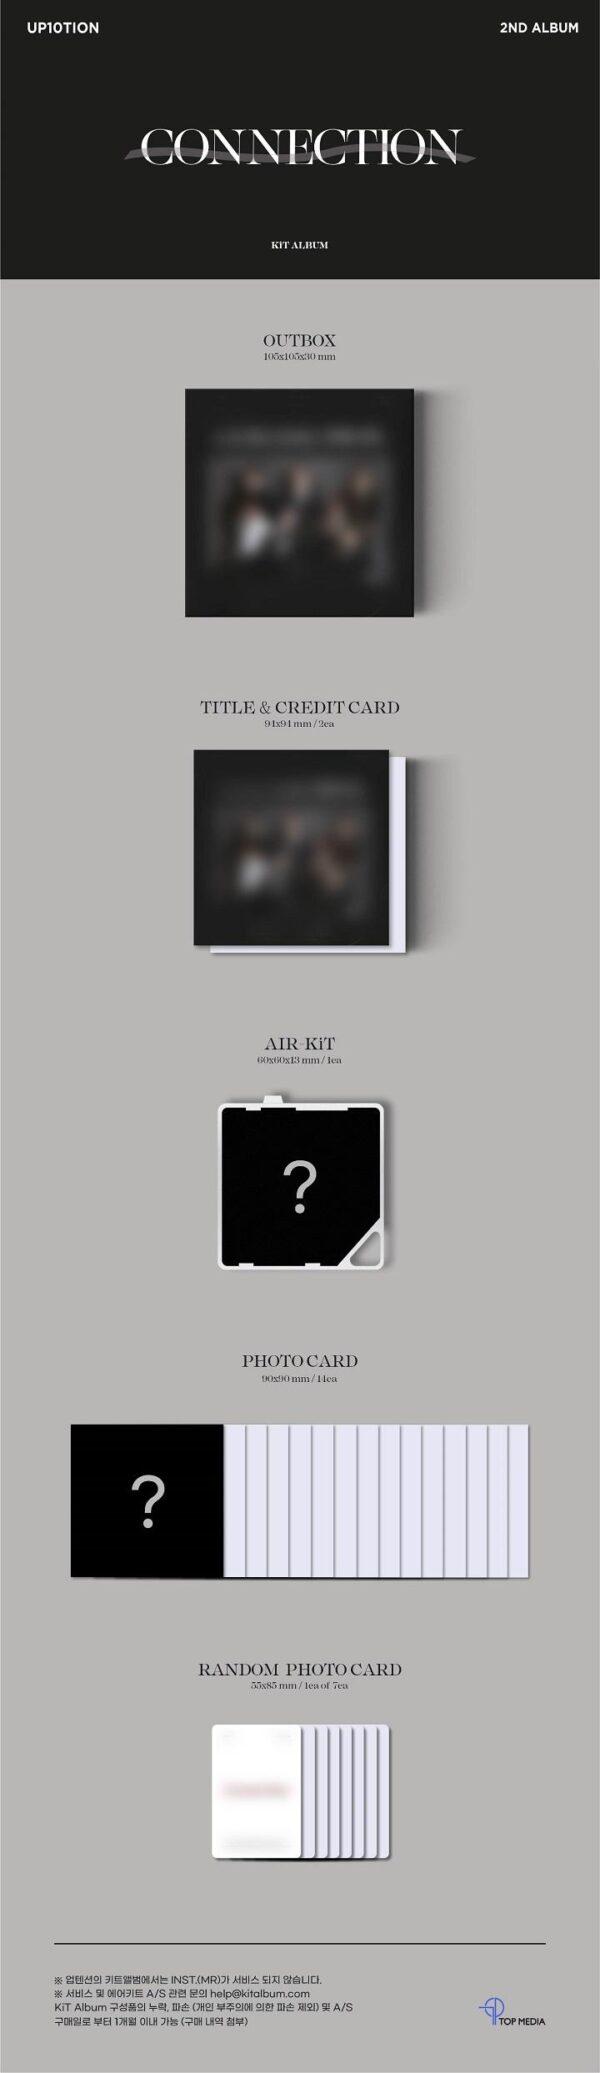 Vol.2 UP10TION CONNECTION Kit Album ver